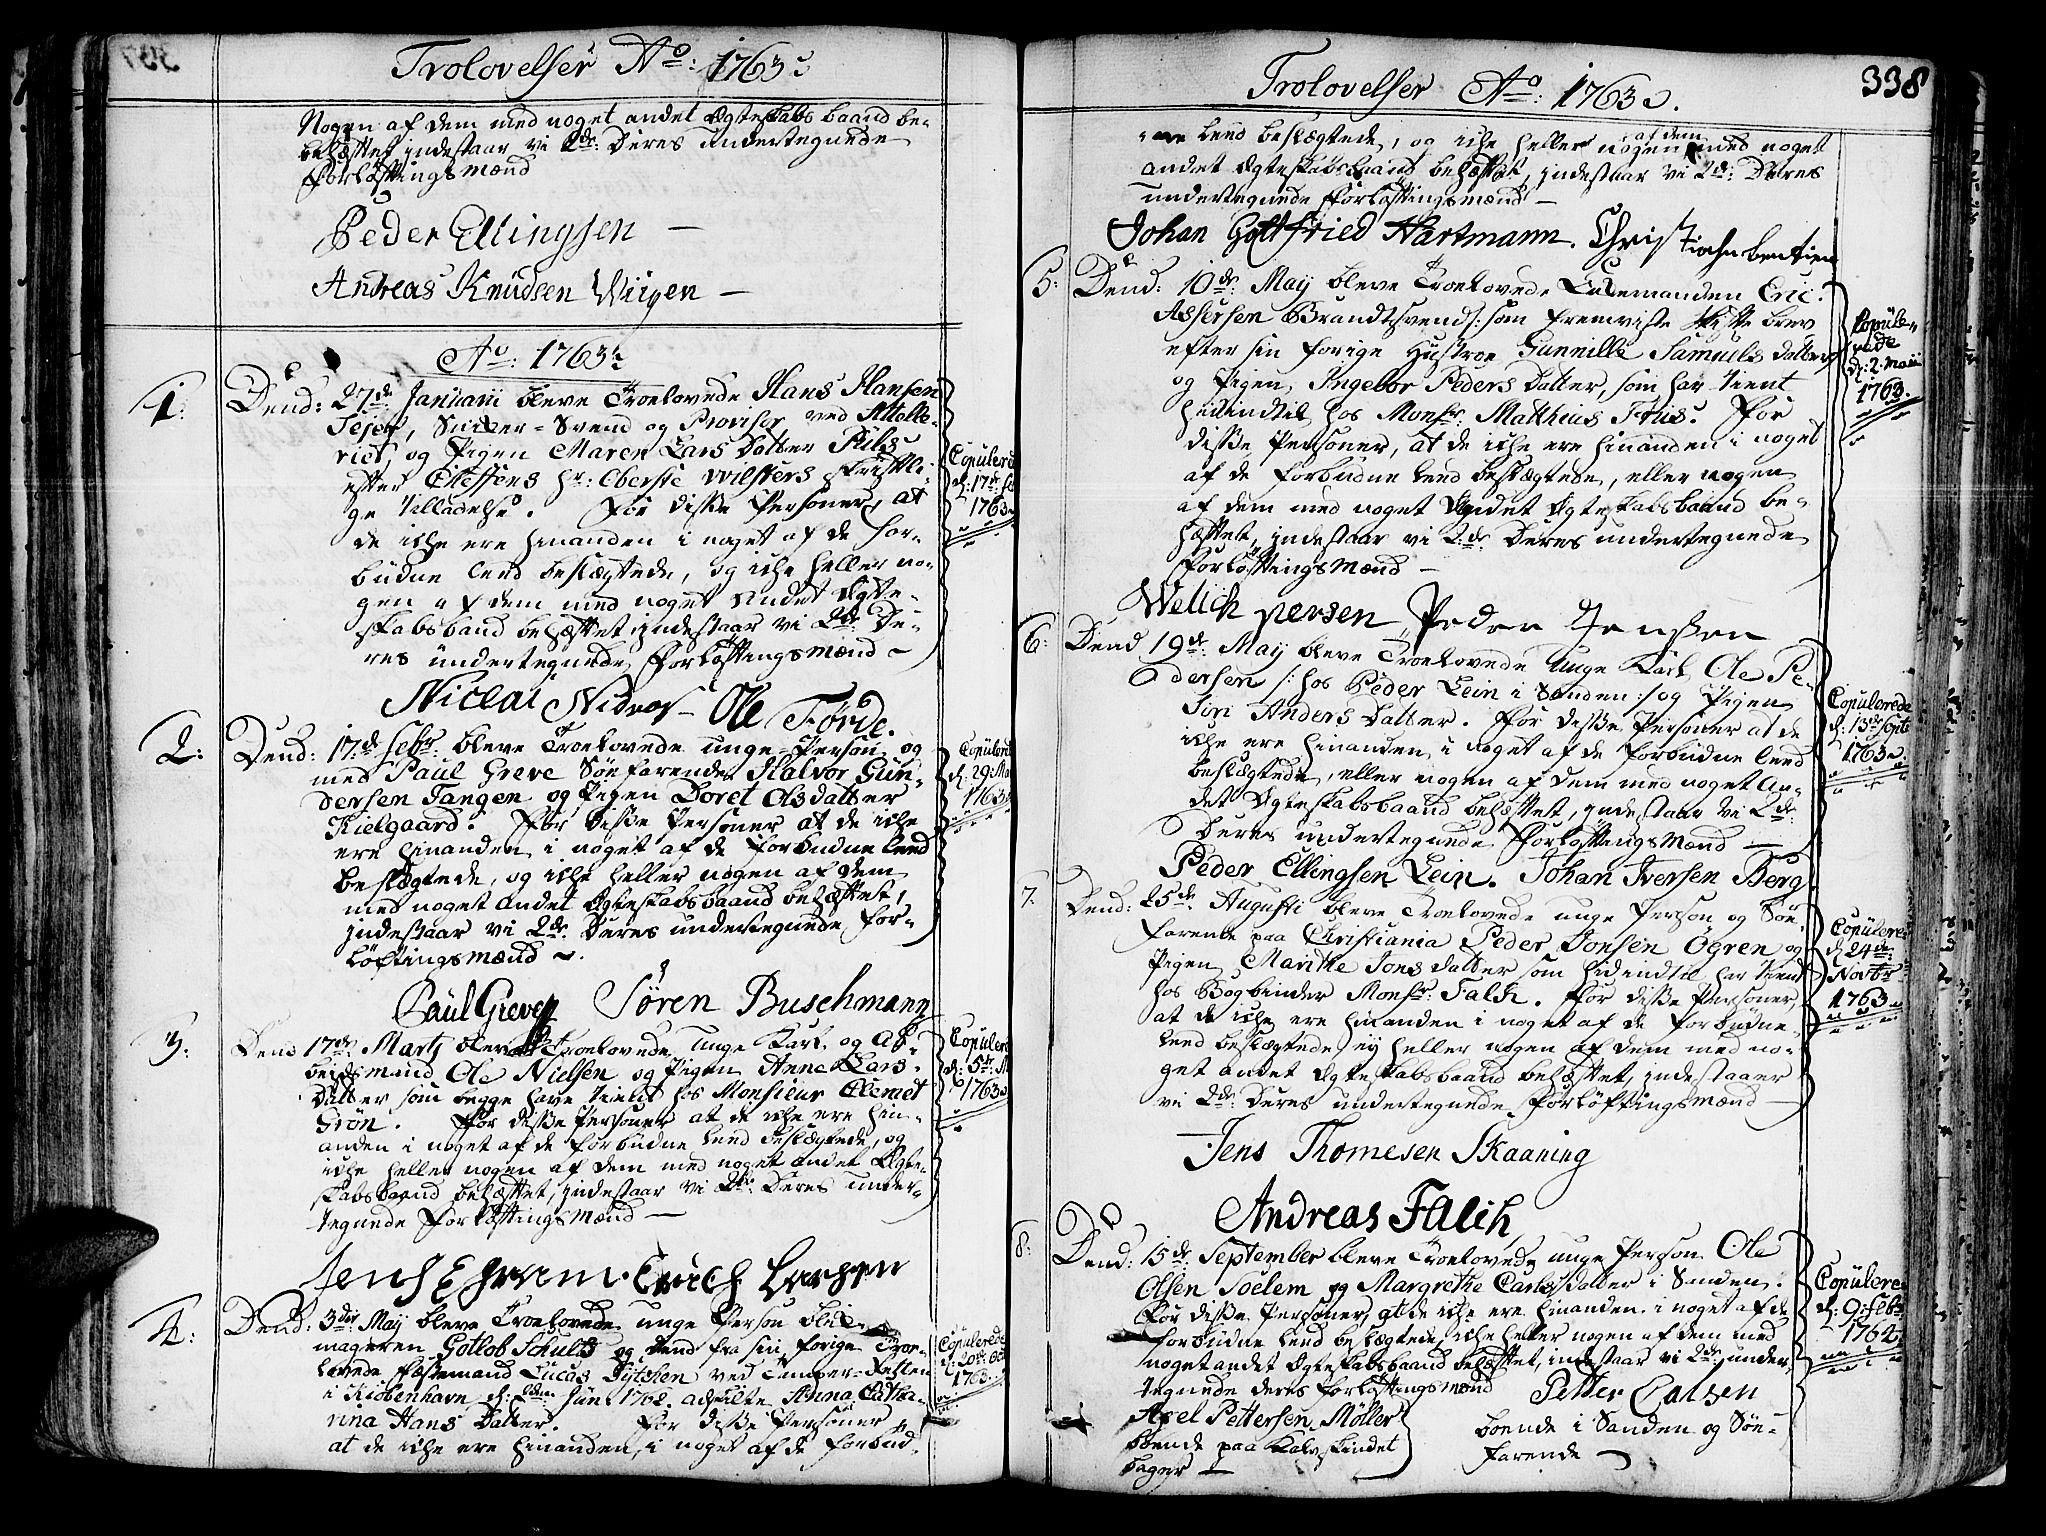 SAT, Ministerialprotokoller, klokkerbøker og fødselsregistre - Sør-Trøndelag, 602/L0103: Ministerialbok nr. 602A01, 1732-1774, s. 338